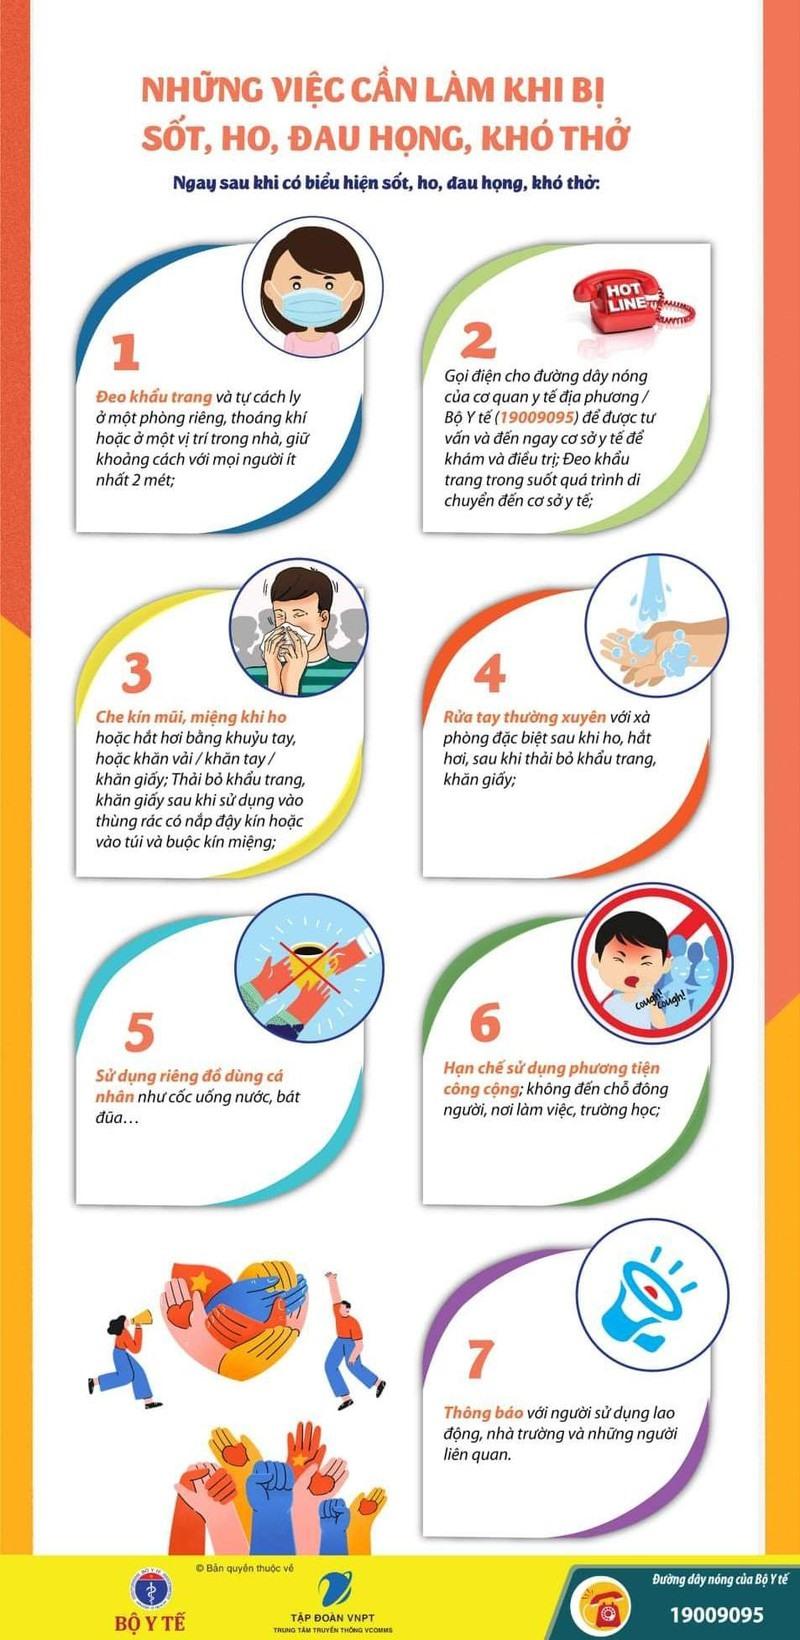 Hướng dẫn của Bộ Y tế đối với người sốt, ho, đau họng, khó thở.